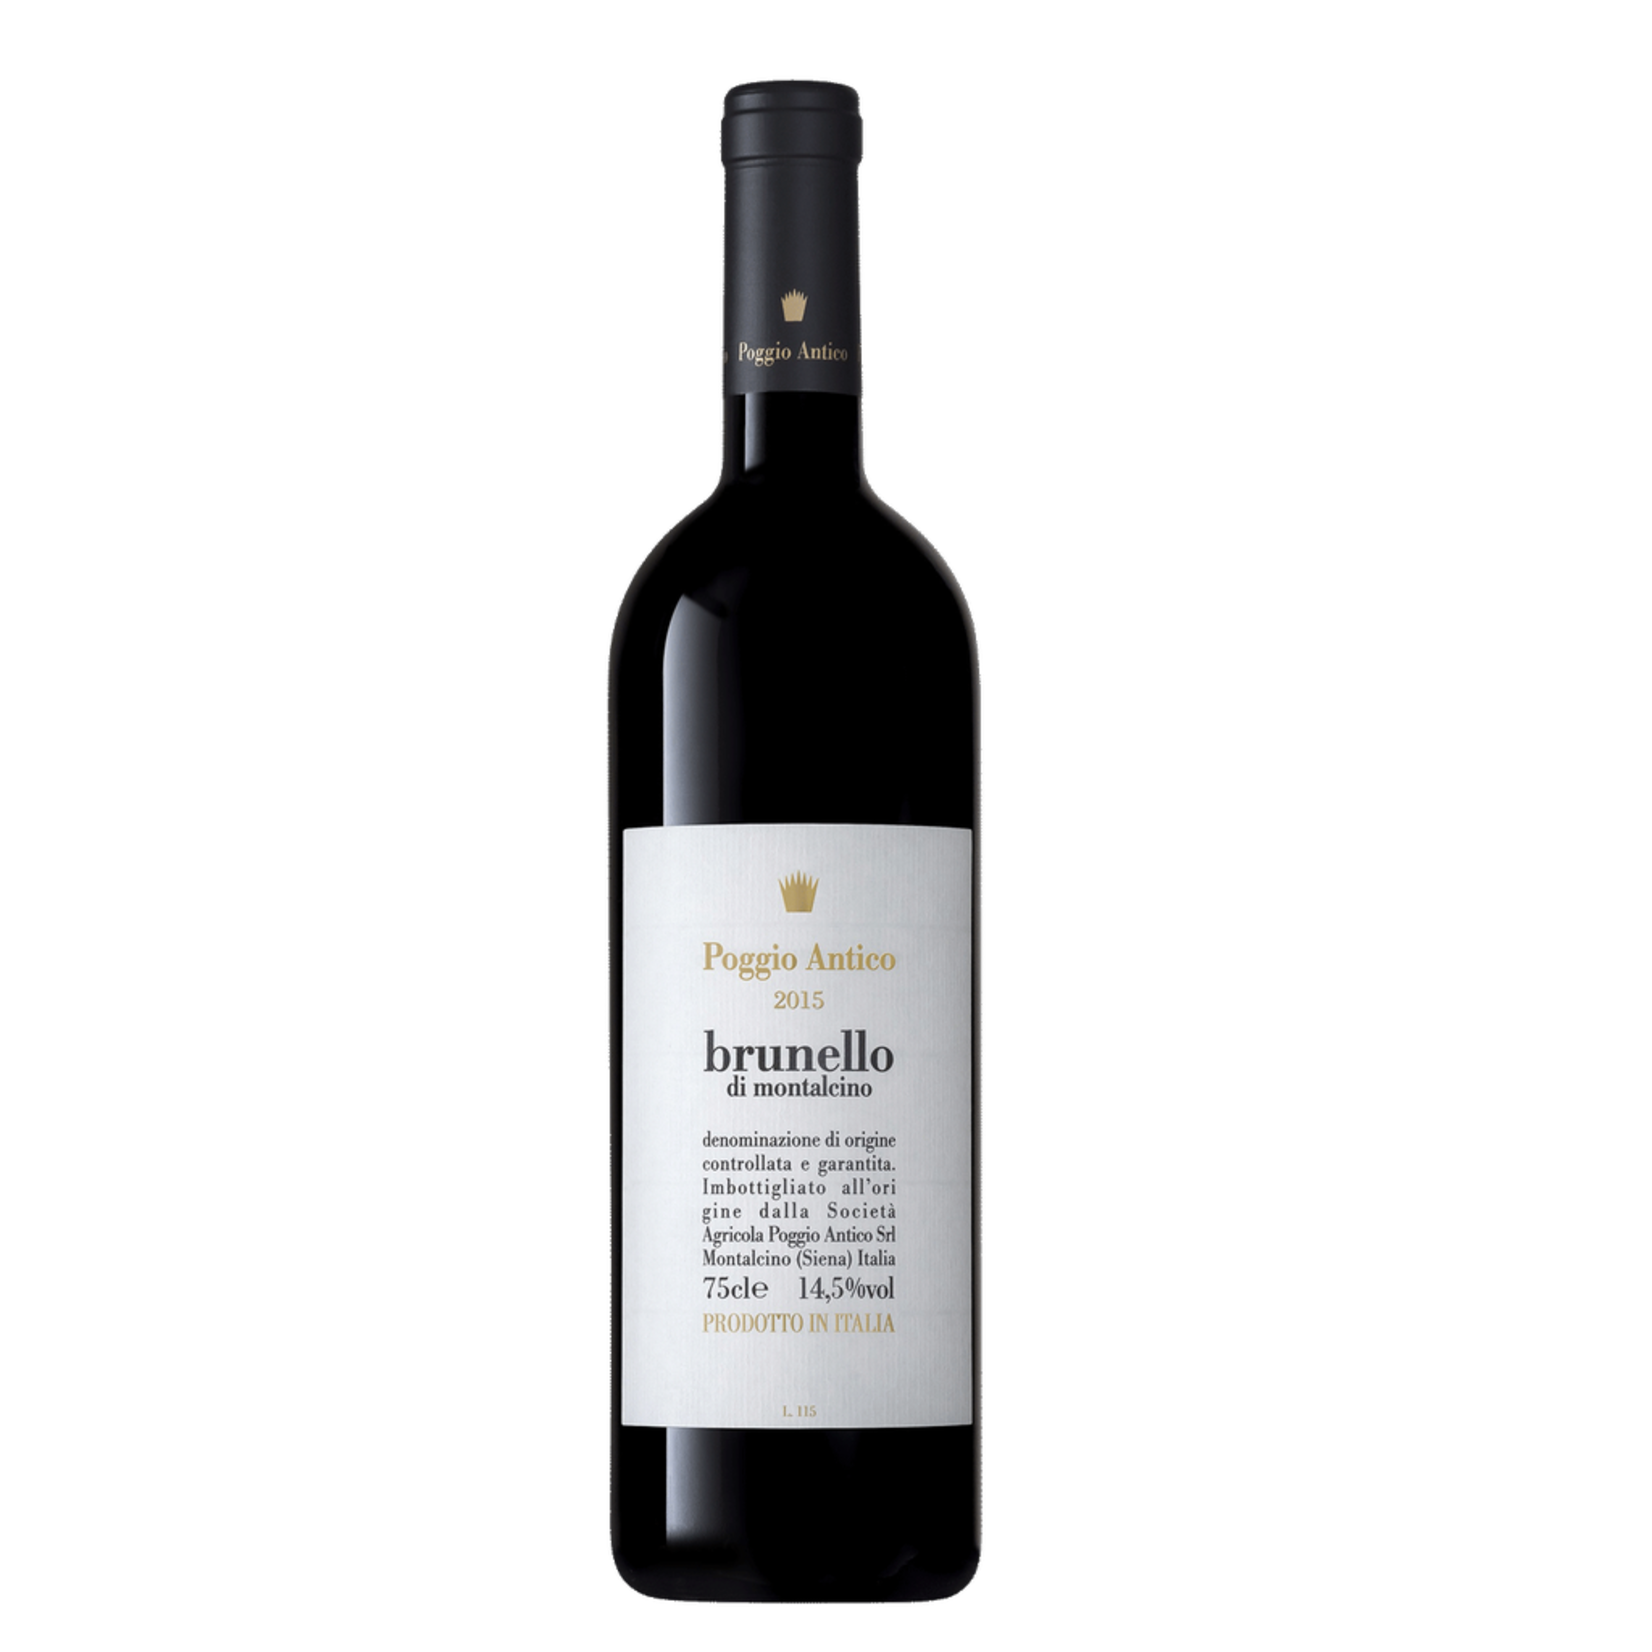 Wine Poggio Antico Brunello di Montalcino 2015